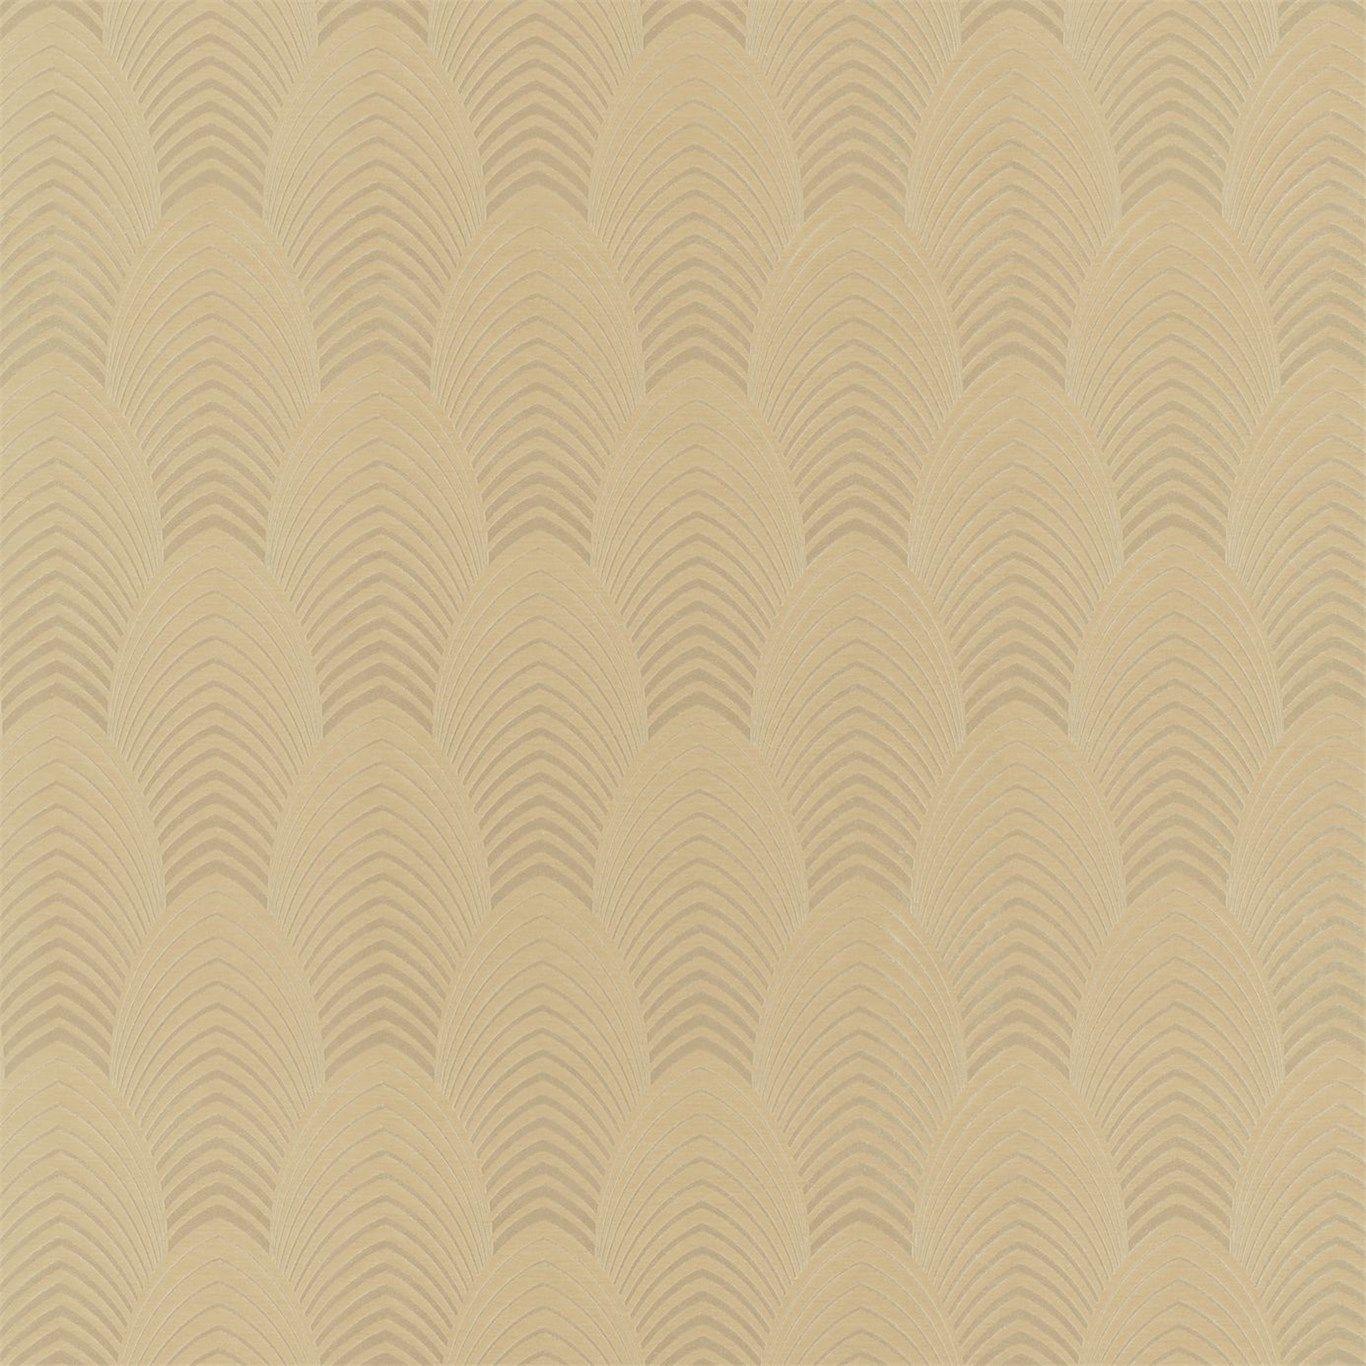 Harlequin arkona fabrics deco 8638 - Deco fabriek ...